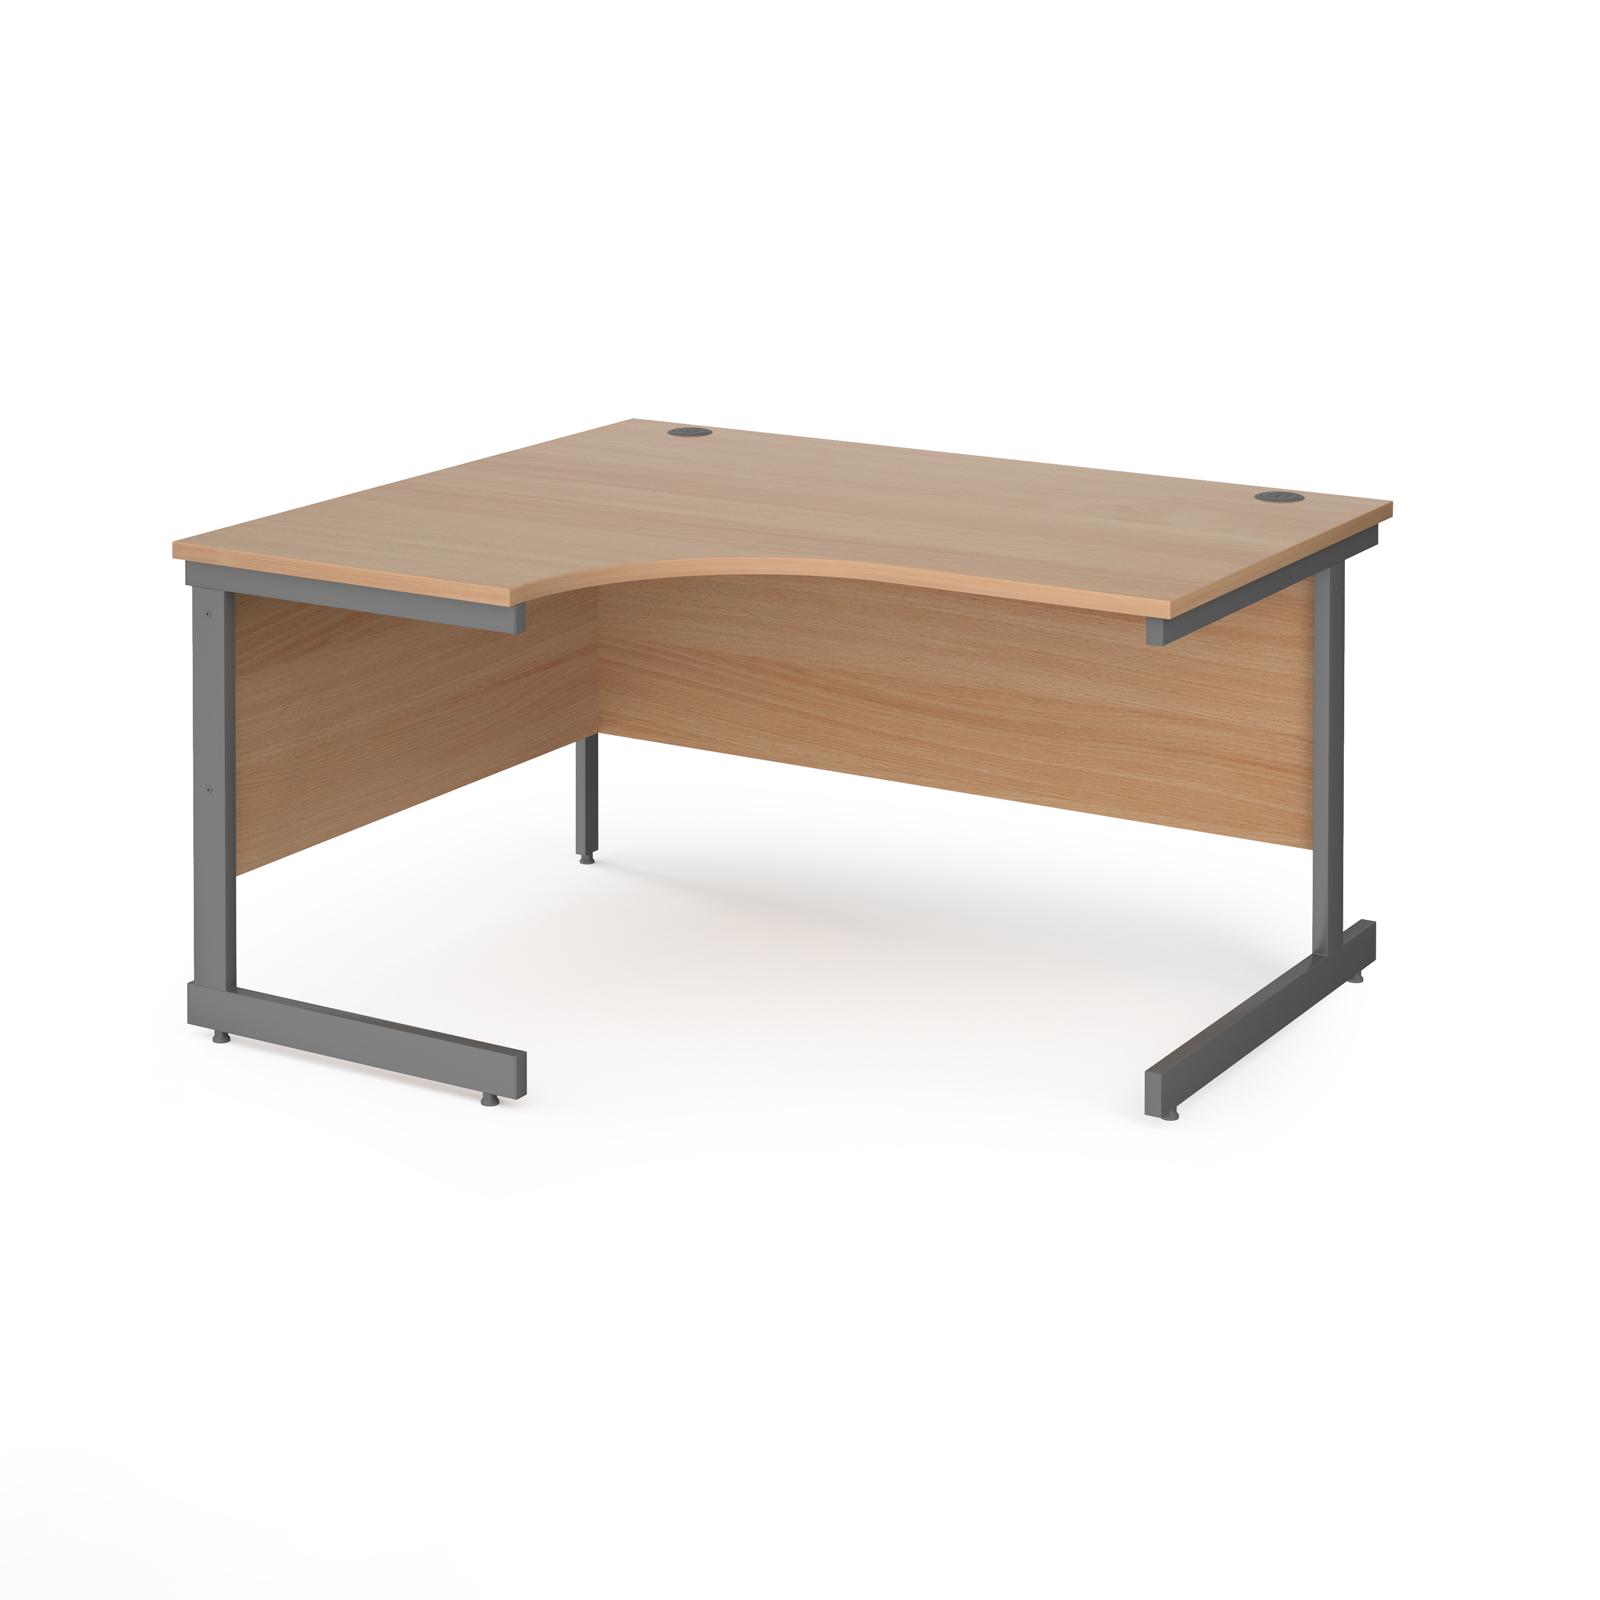 Curved Desks Contract 25 cantilever leg LH ergonomic desk